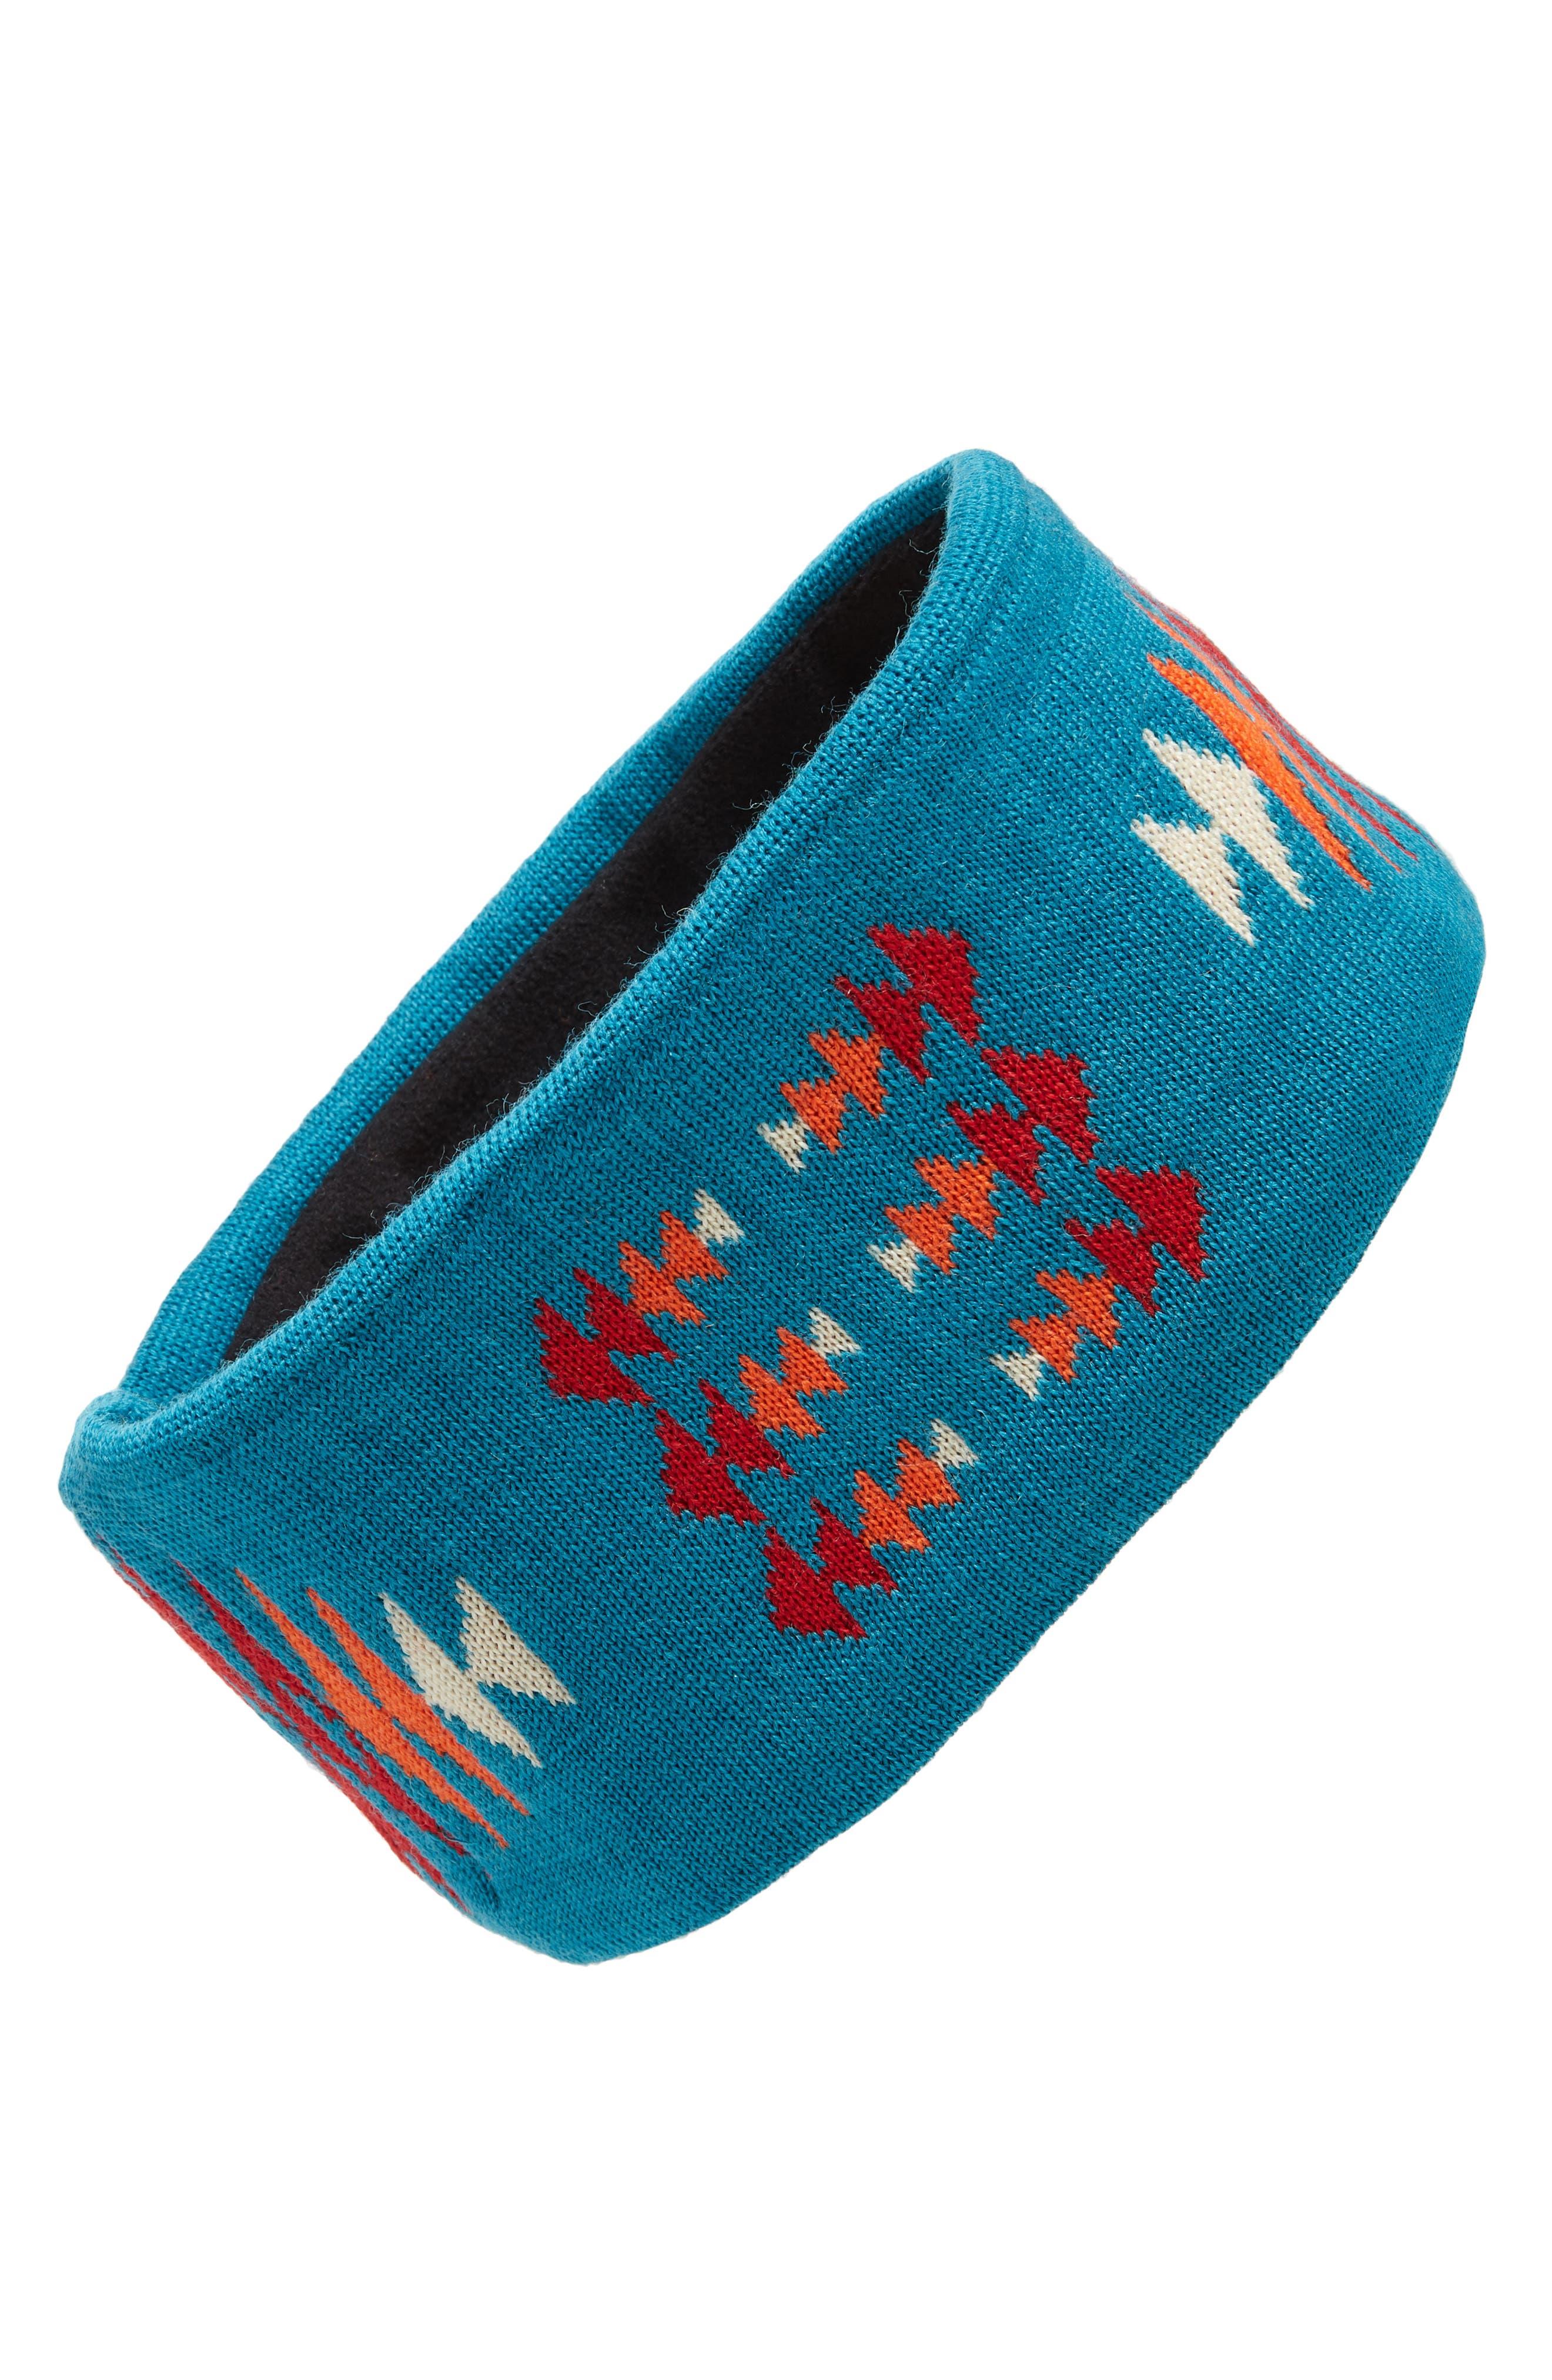 PENDLETON Fleece Lined Headband in Turquoise